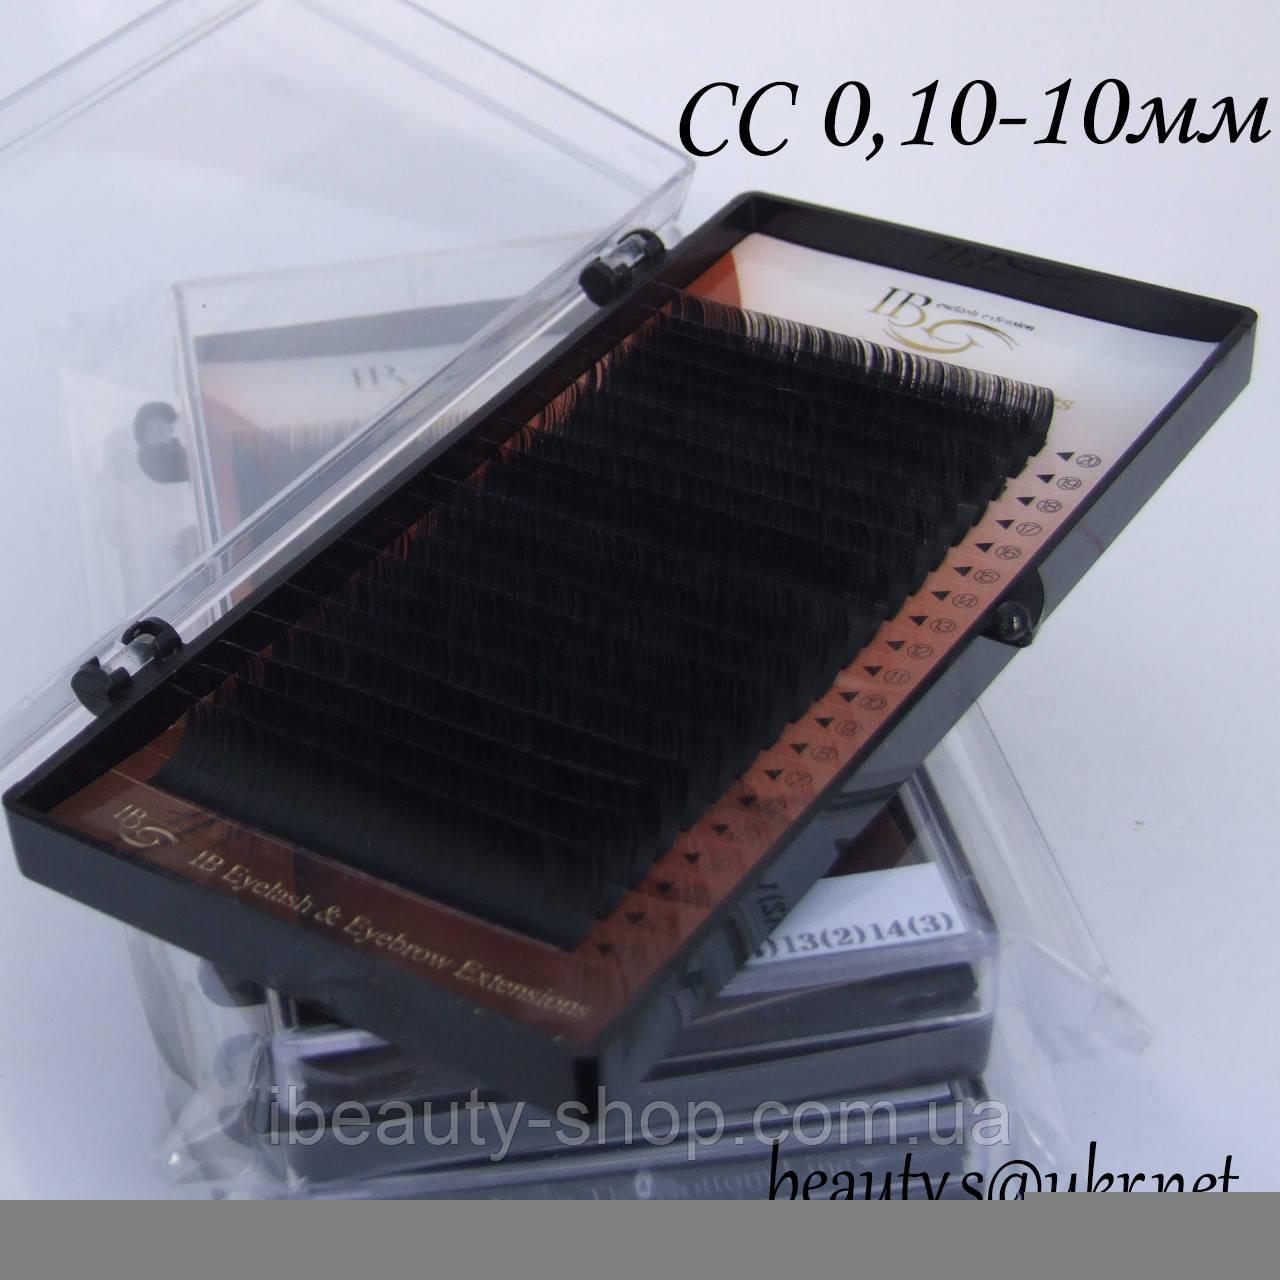 Ресницы  I-Beauty на ленте СС-0,10 10мм